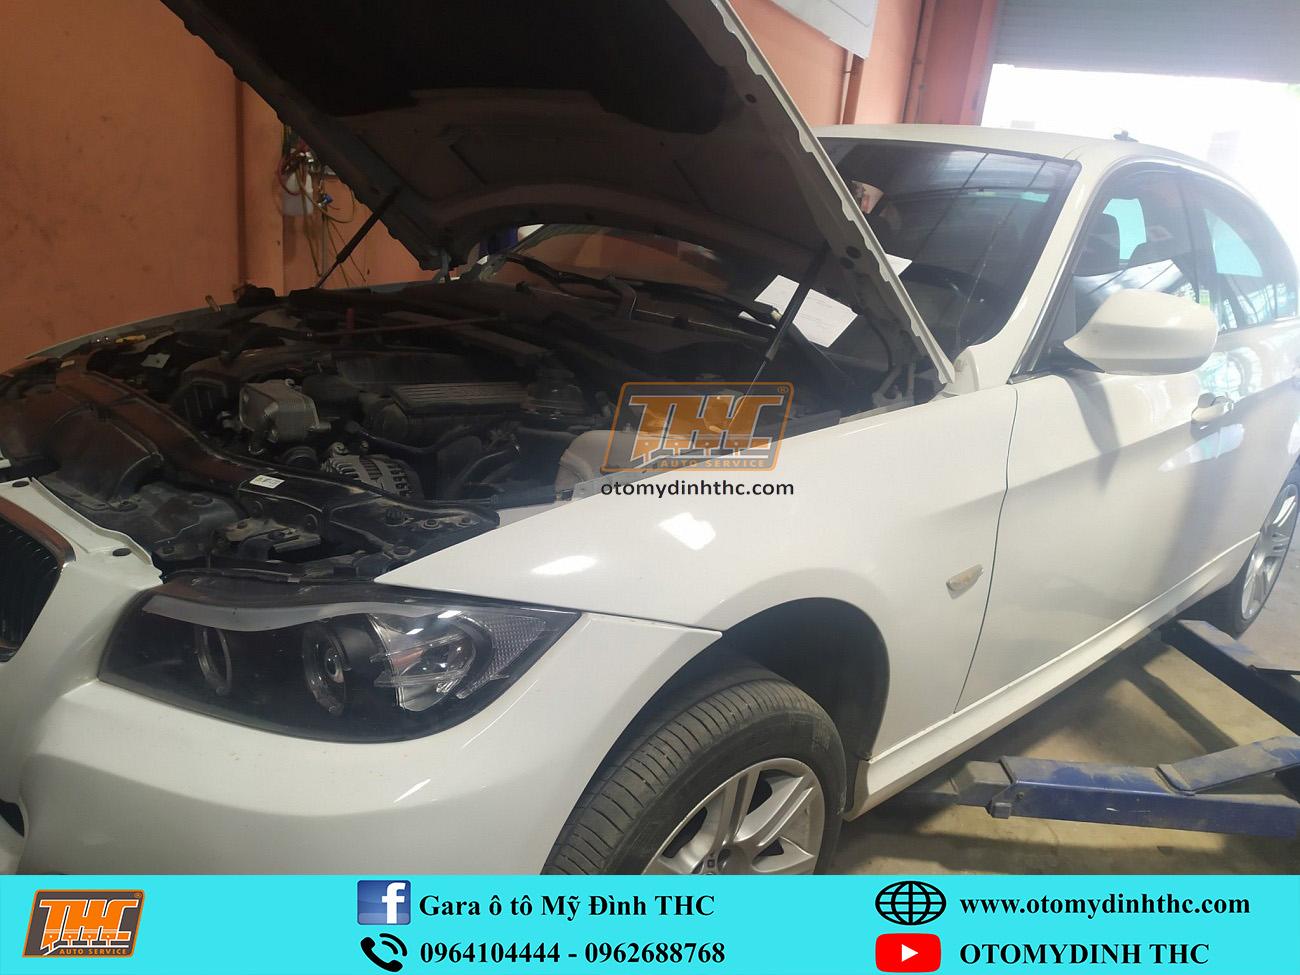 Gara chuyên sửa BMW tại Hà Nội, sửa chữa hư hỏng két nước làm mát